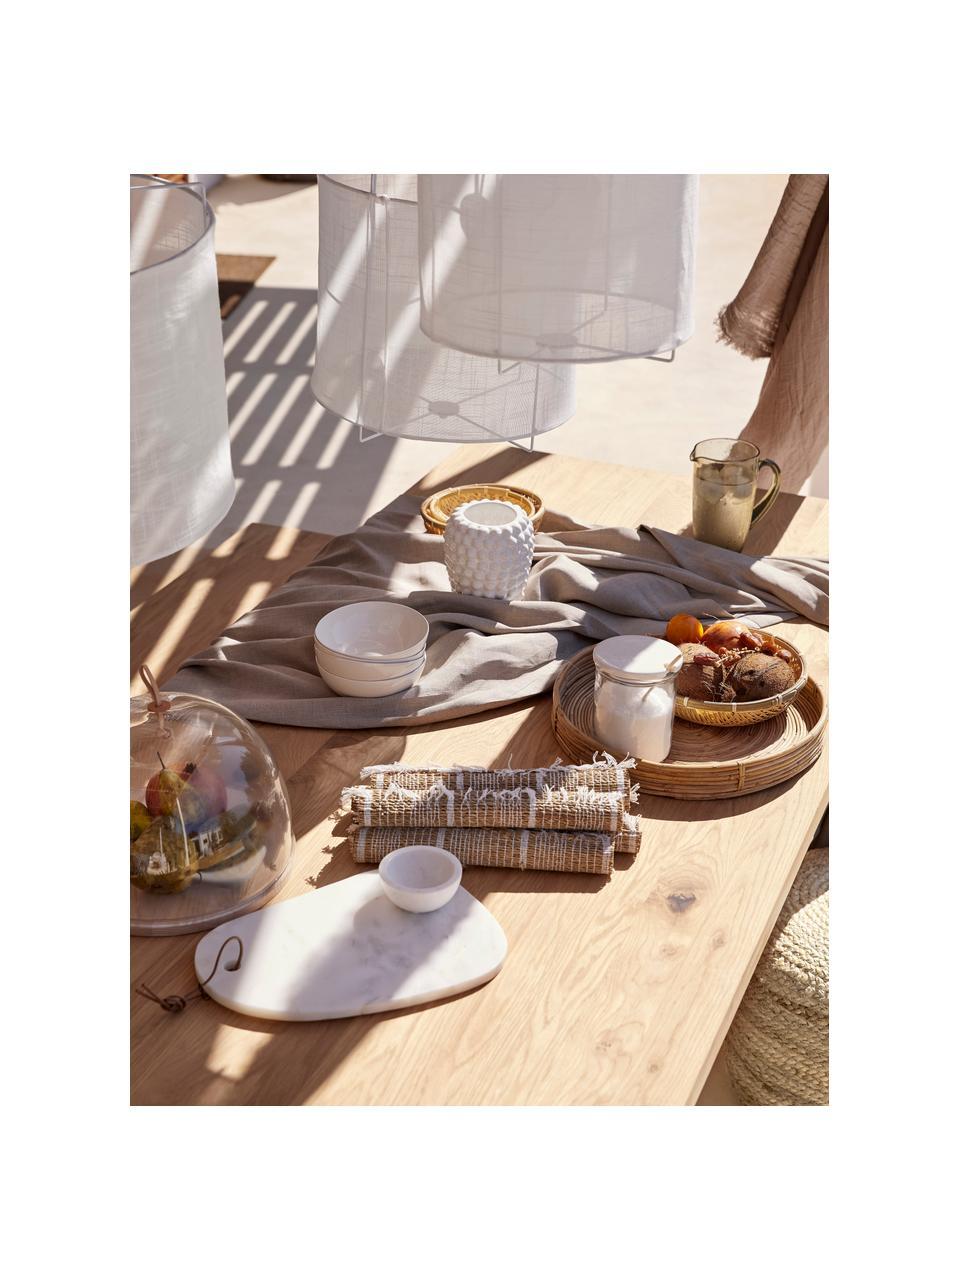 Esstisch Oliver mit Massivholzplatte, Tischplatte: Wildeichenlamellen, massi, Beine: Metall, lackiert, Wildeiche, Edelstahl, B 160 x T 90 cm